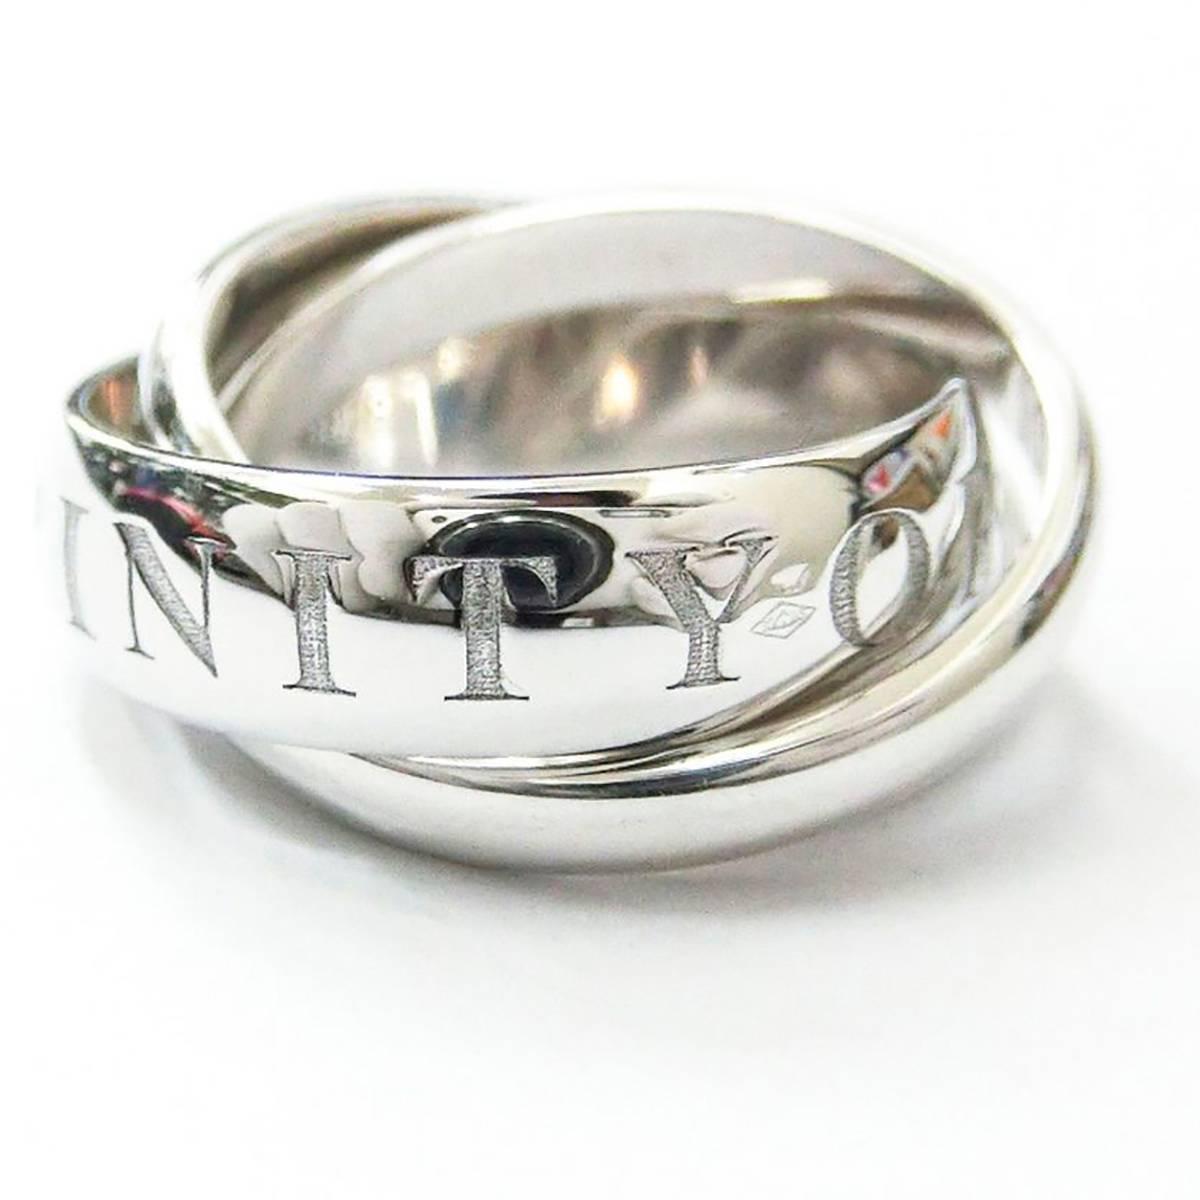 【中古】 Cartier/カルティエ トリニティ K18WG 750 ホワイトゴールド OR AMOUR ET TRINITY 1998年 クリスマス限定 リング 指輪 #50 10号 10.8g KA 美品 Aランク